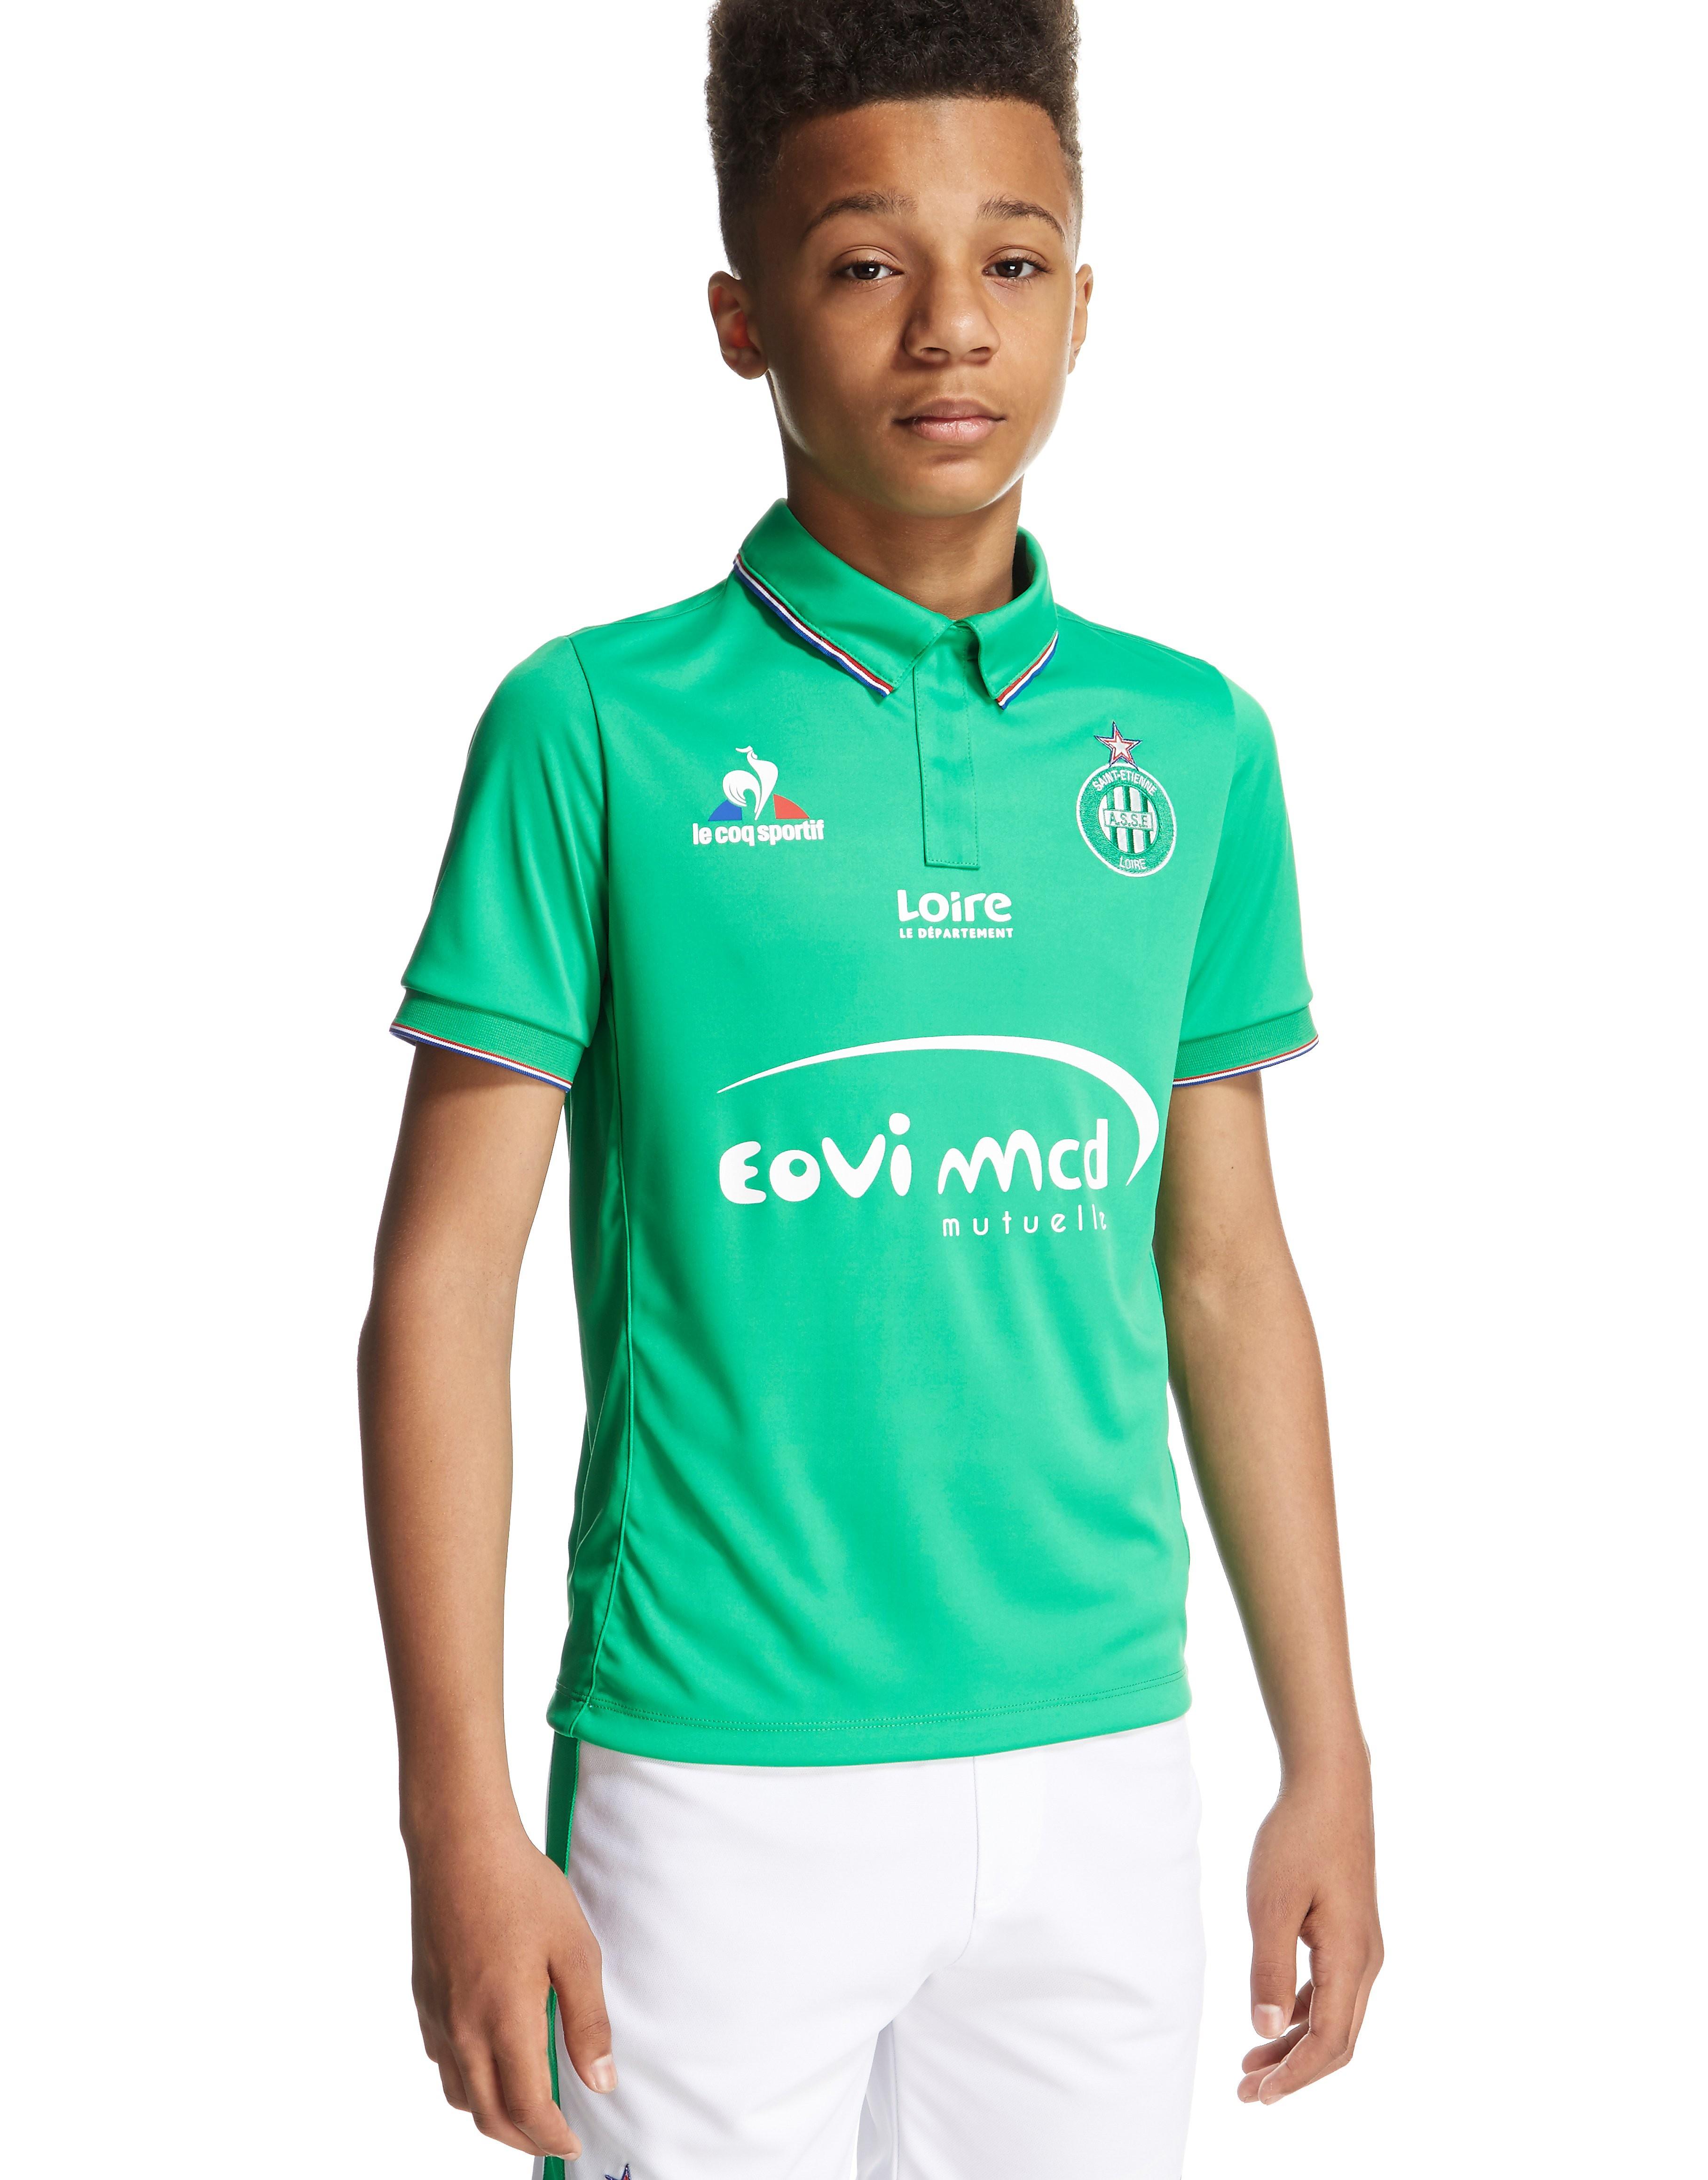 Le Coq Sportif AS Saint Etienne 2016/17 Home Shirt Junior